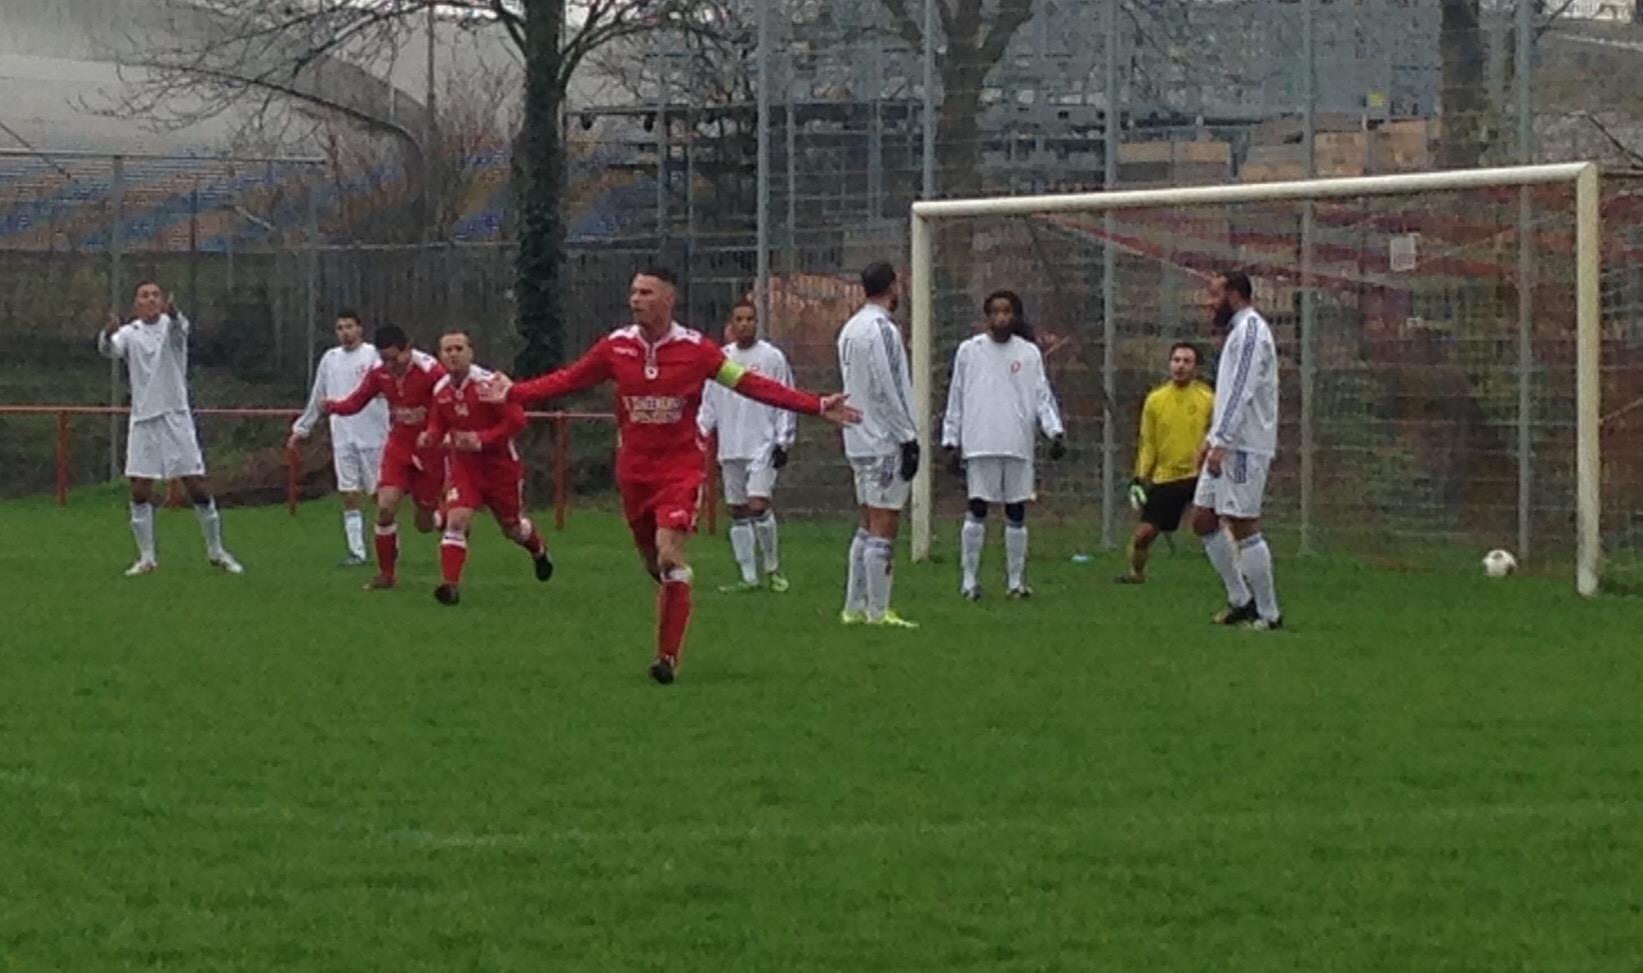 De Brug - Blauw-Wit BB - Voetbal in Haarlem